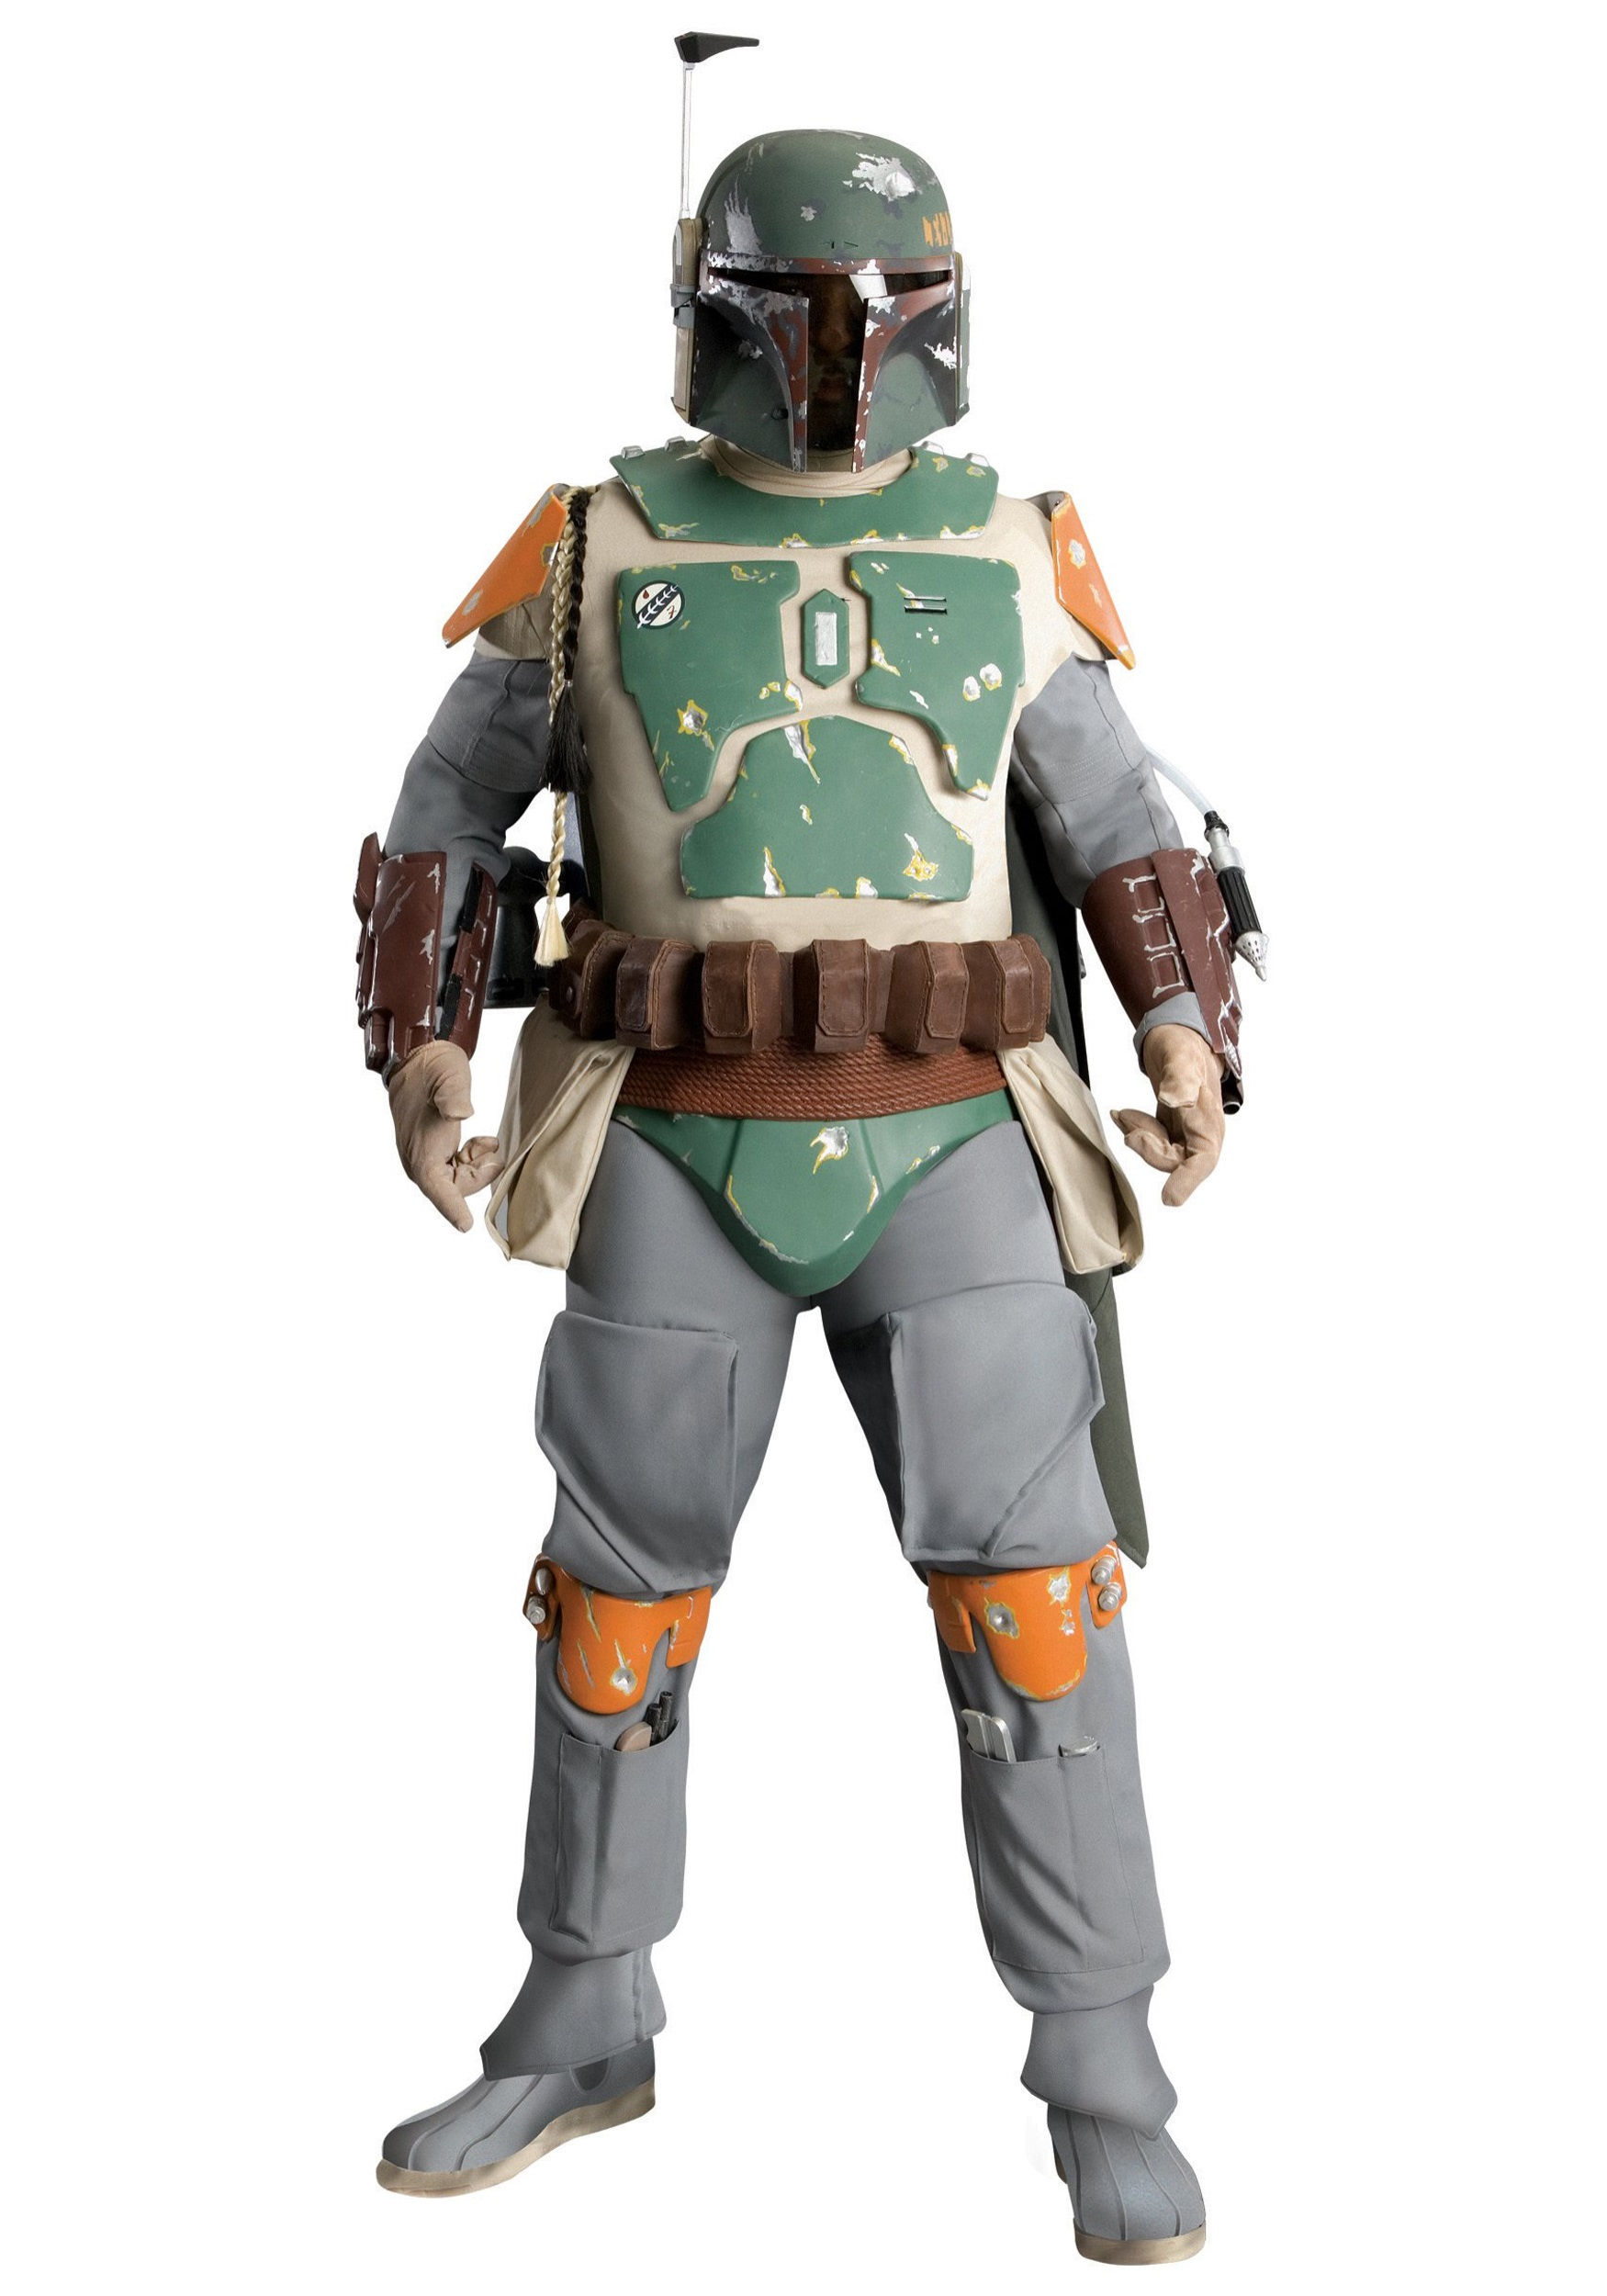 Supreme Edition Boba Fett Costume  sc 1 st  Buy Star Wars Costumes & Supreme Edition Boba Fett Costume - Authentic Star Wars Replica Costumes